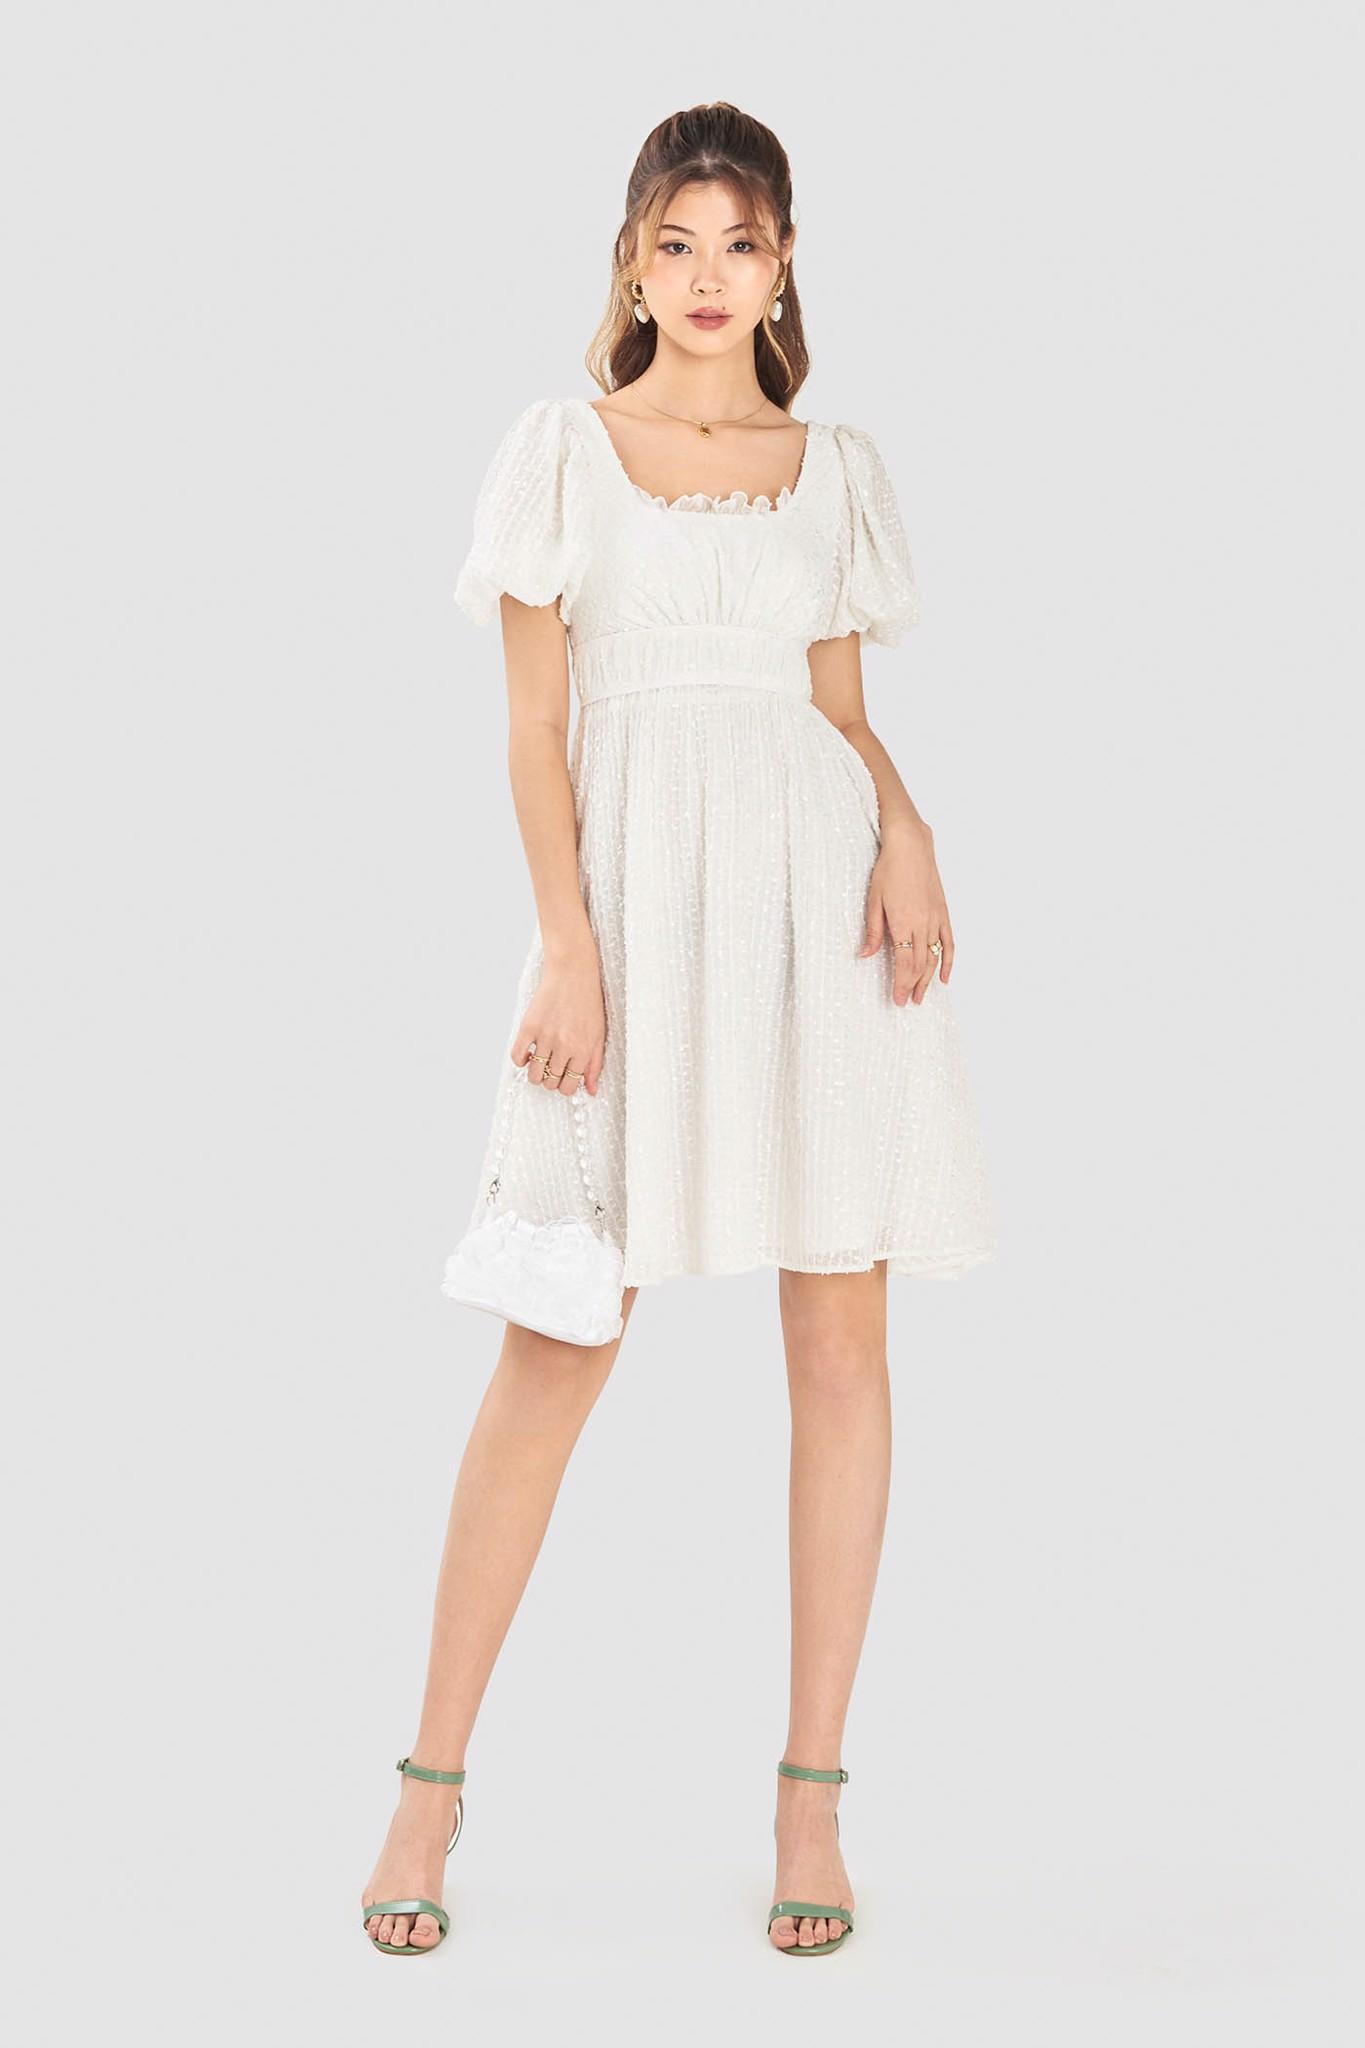 Đầm tay phồng ren lưới ánh kim eo cao